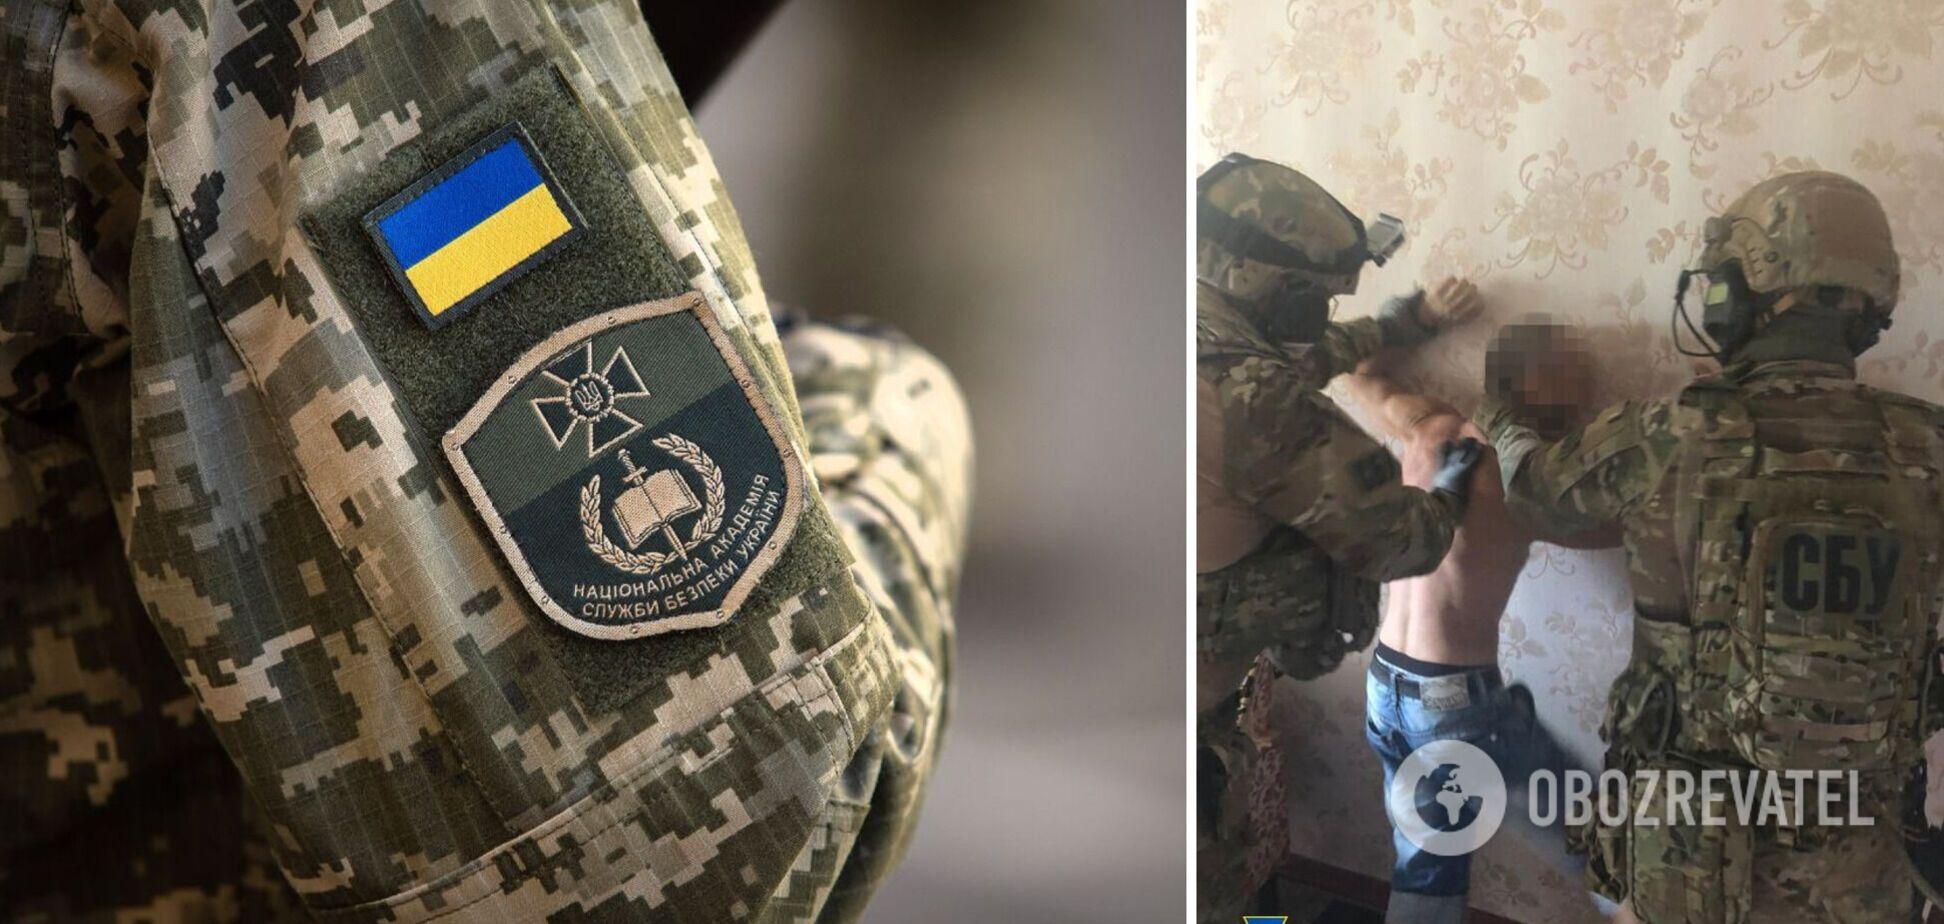 СБУ повідомила про підозру шпигунові спецслужб РФ, який збирав секретні дані в Україні